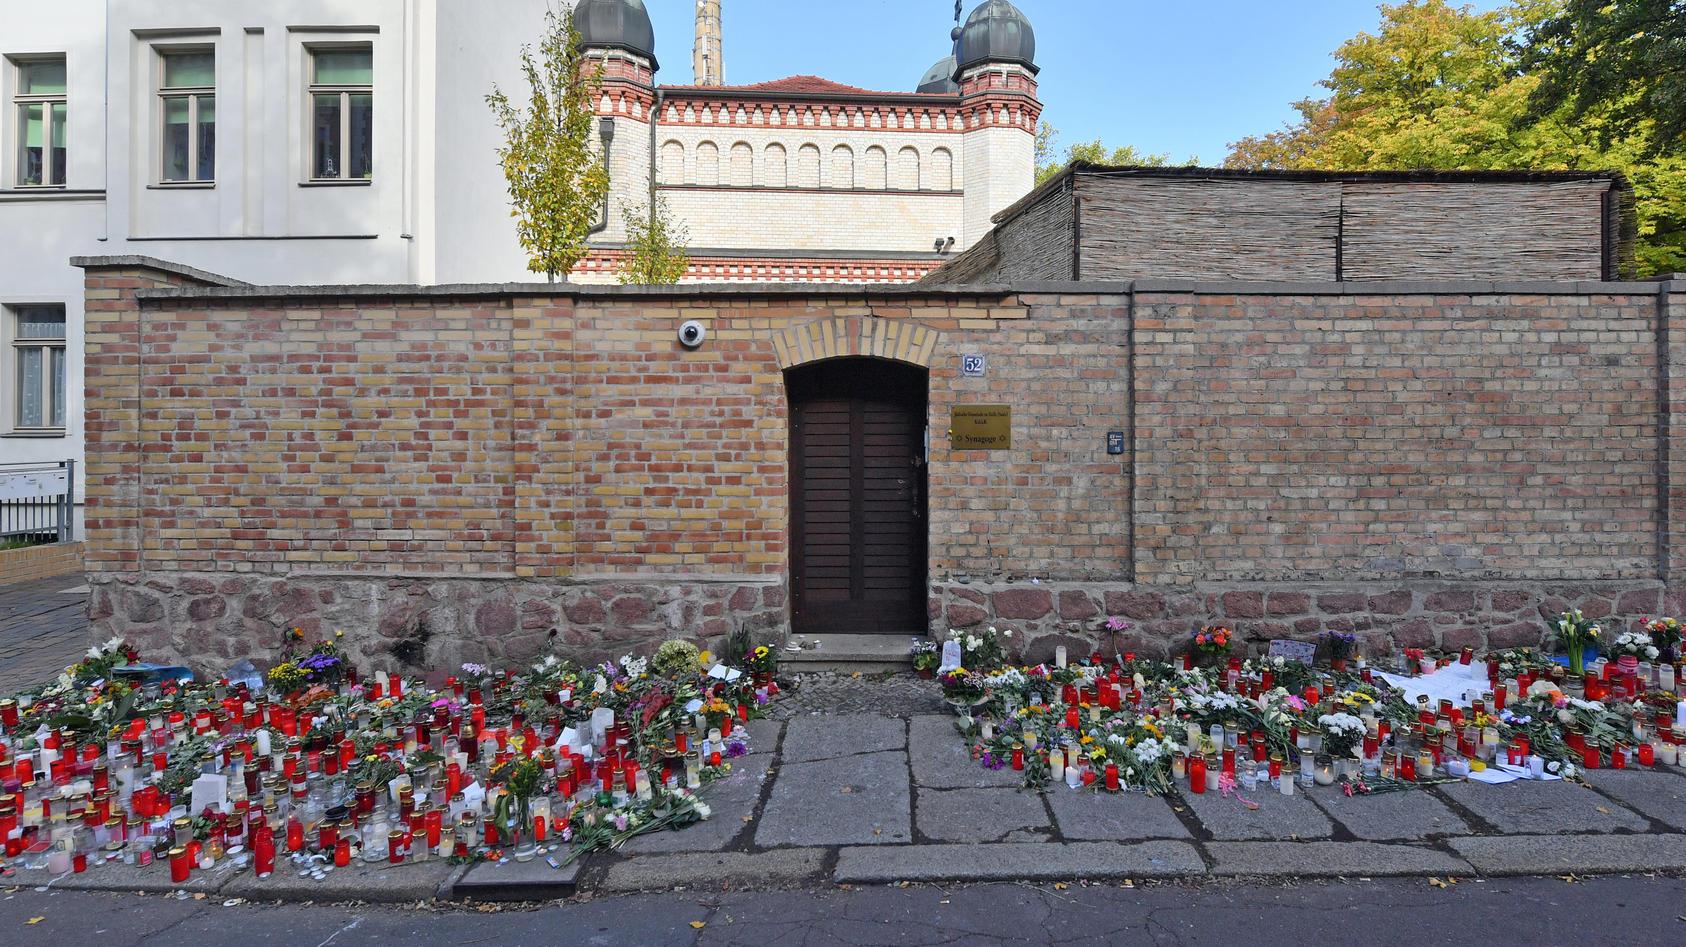 Synagoge in Halle: Die Tür soll aus der Fassade genommen und als Gedenkstätte neu aufgestellt werden.